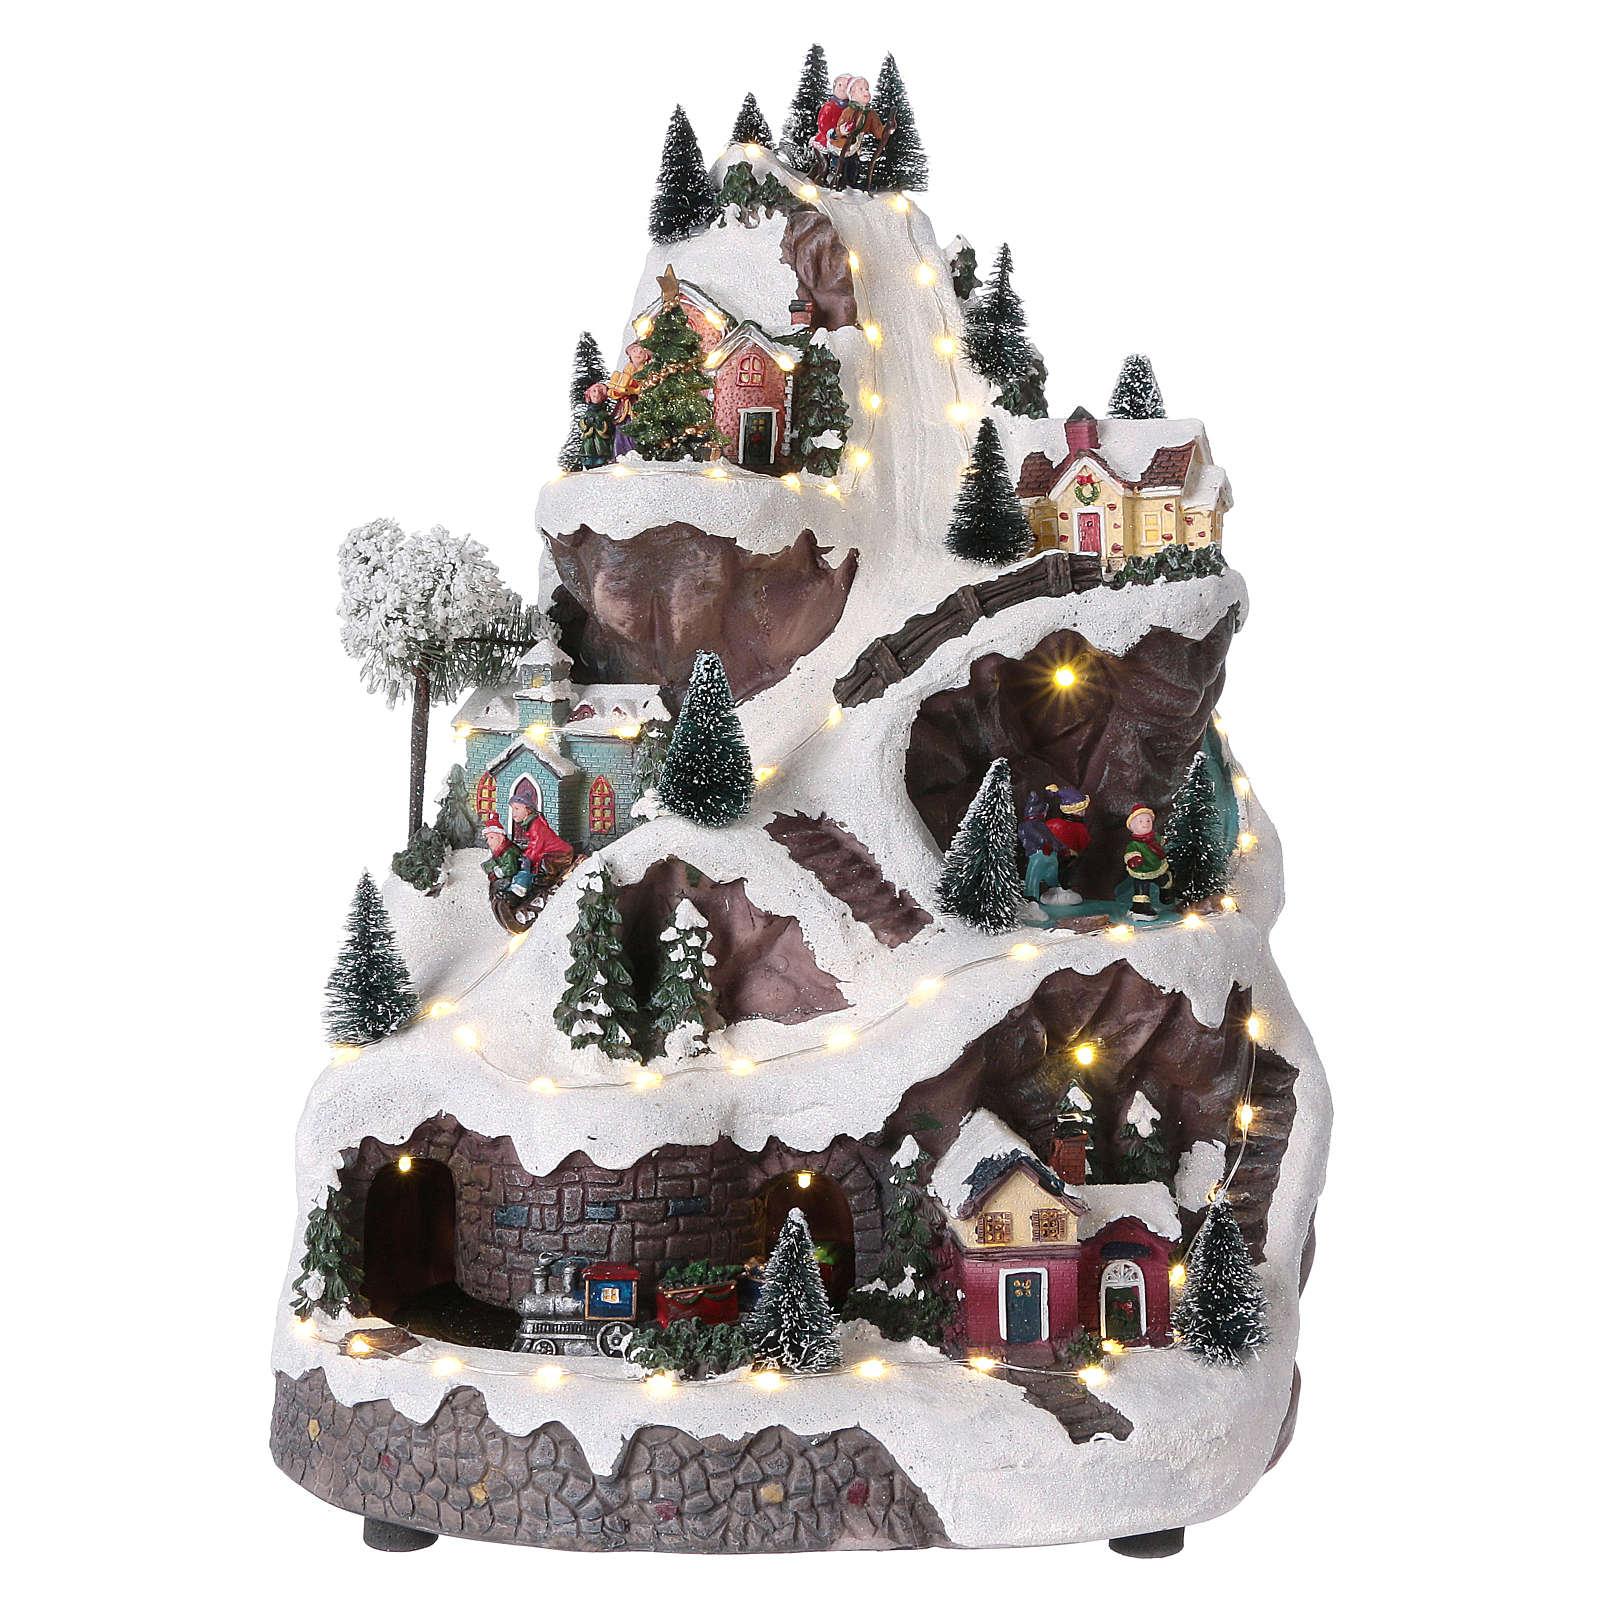 Weihnachtsszene mit Berge 45x30x25cm | Online Verfauf auf HOLYART